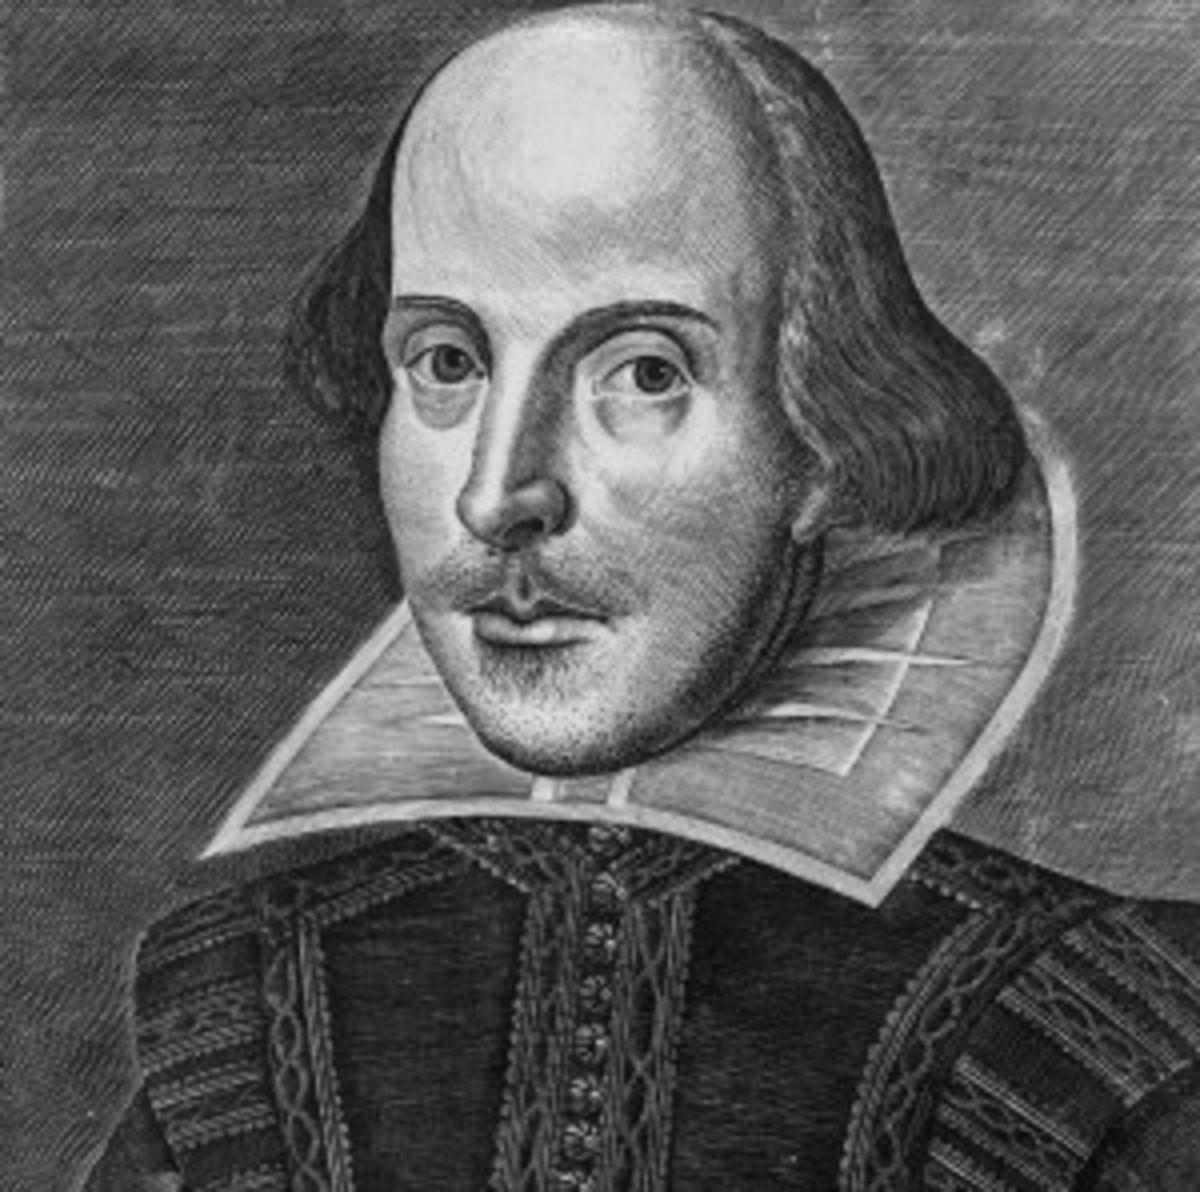 William Shakespeare - First Folio